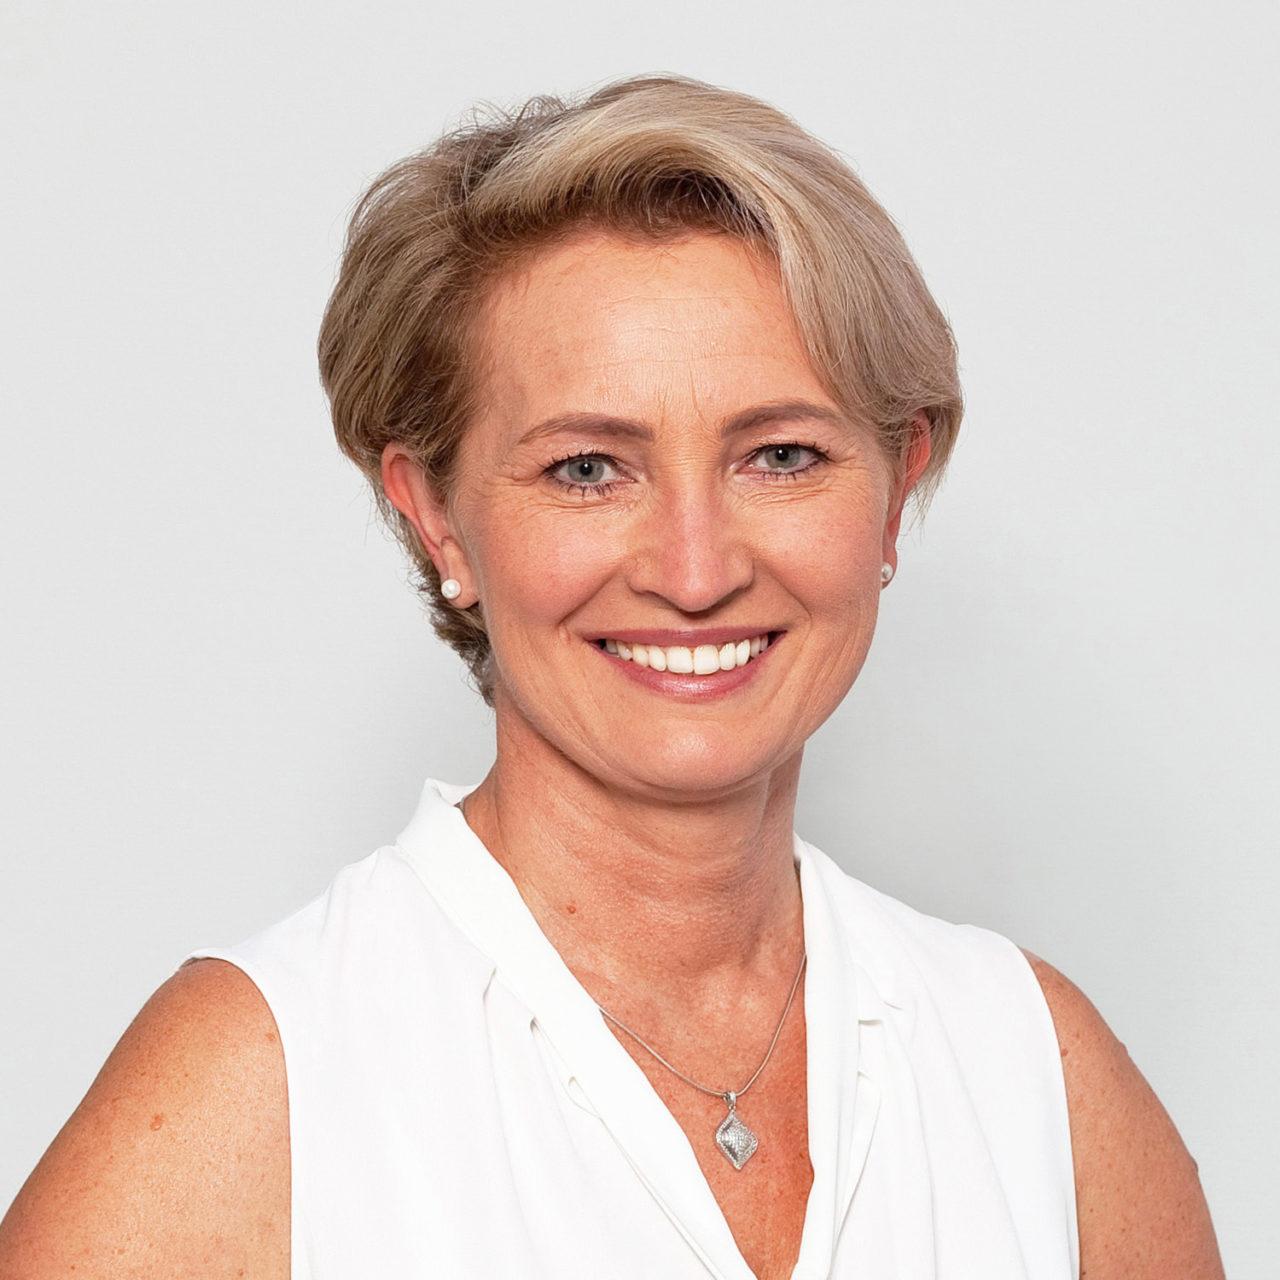 Ludmilla Kerner Buchhaltung Endeco Gmbh